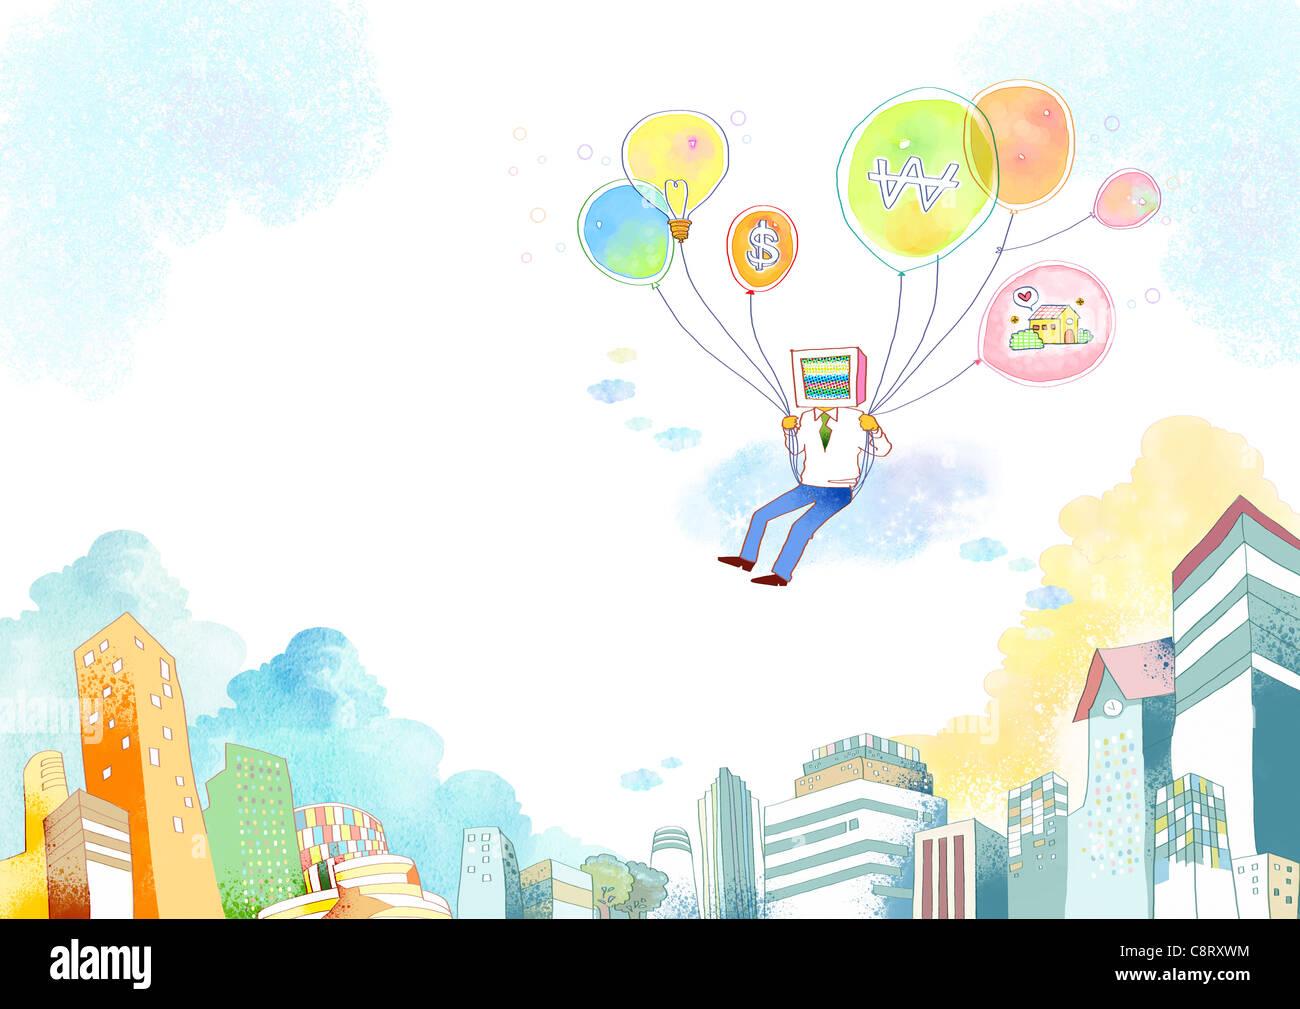 Illustrazione dell'uomo a volare con palloncini Immagini Stock